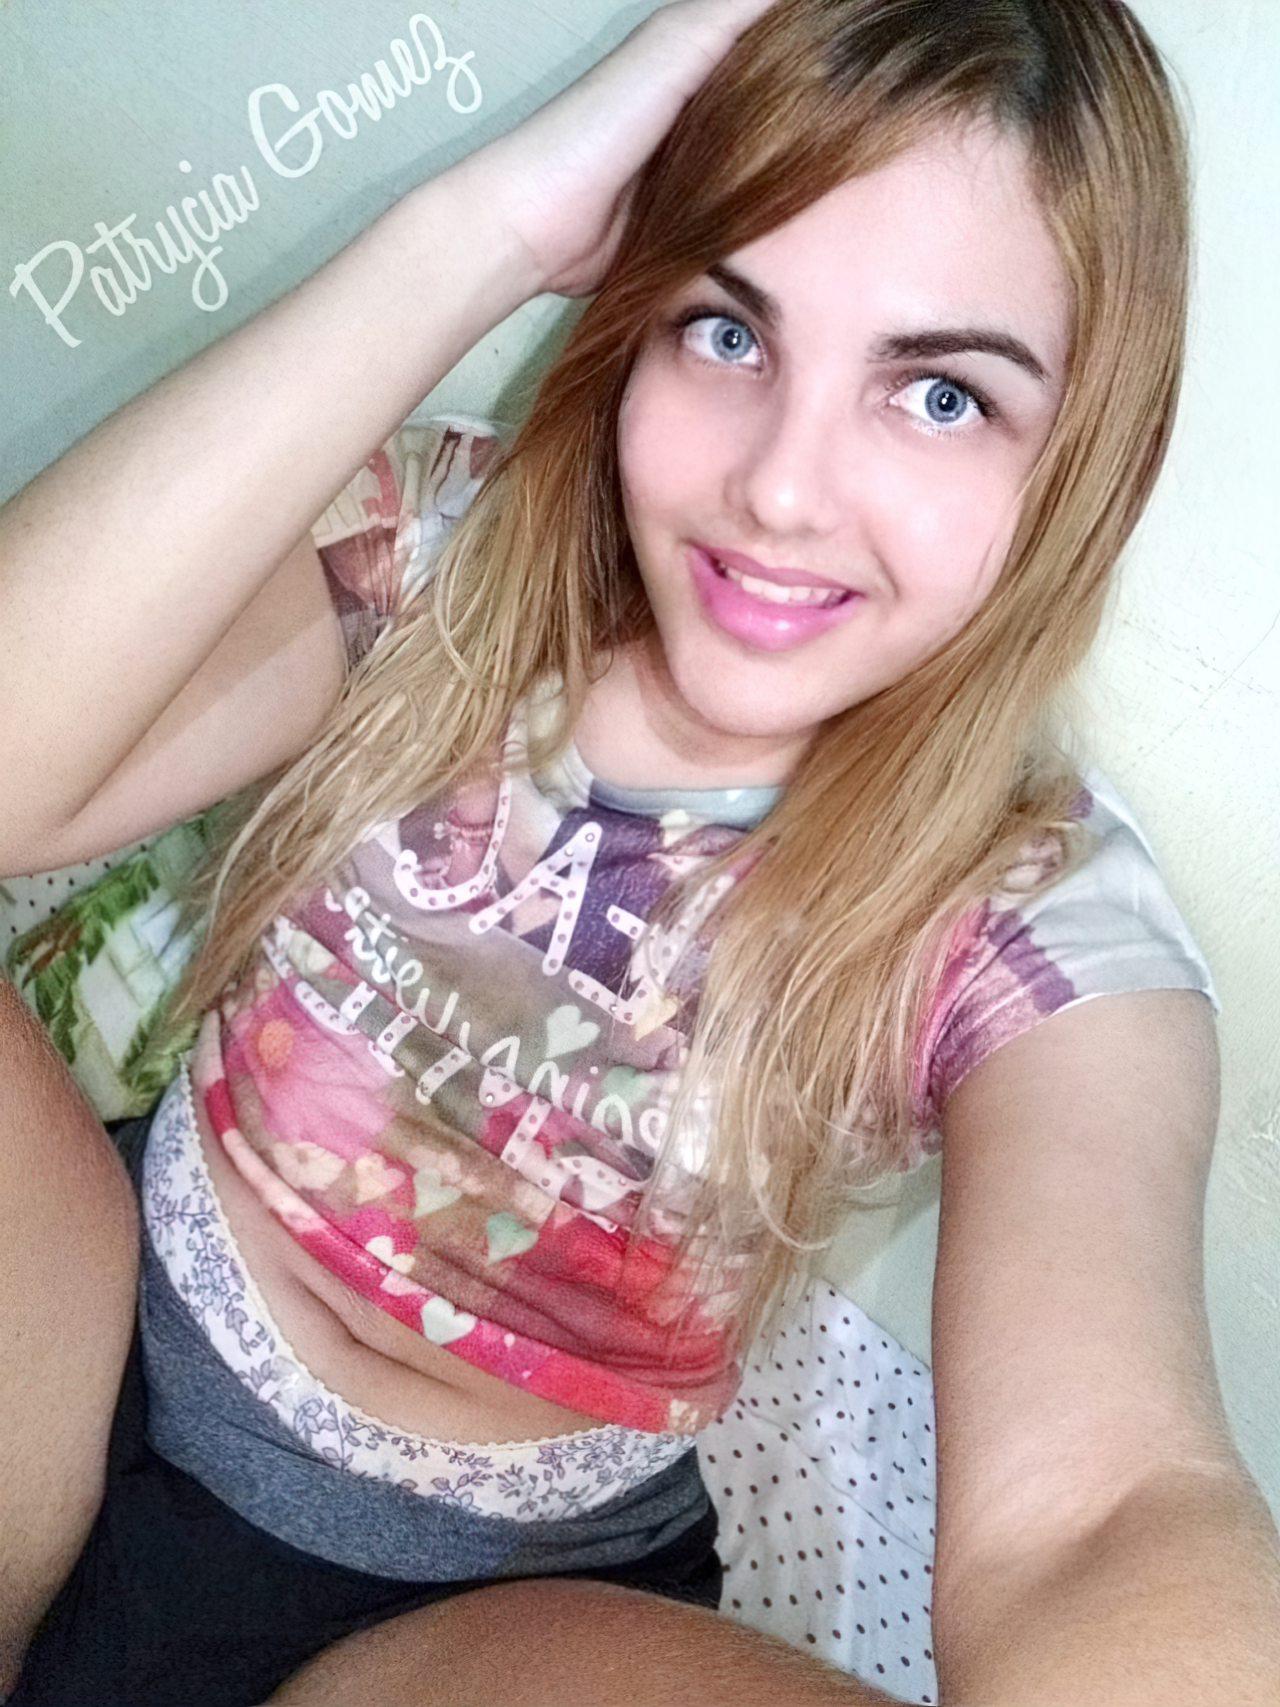 Fotos Patrycia Gomez (5)